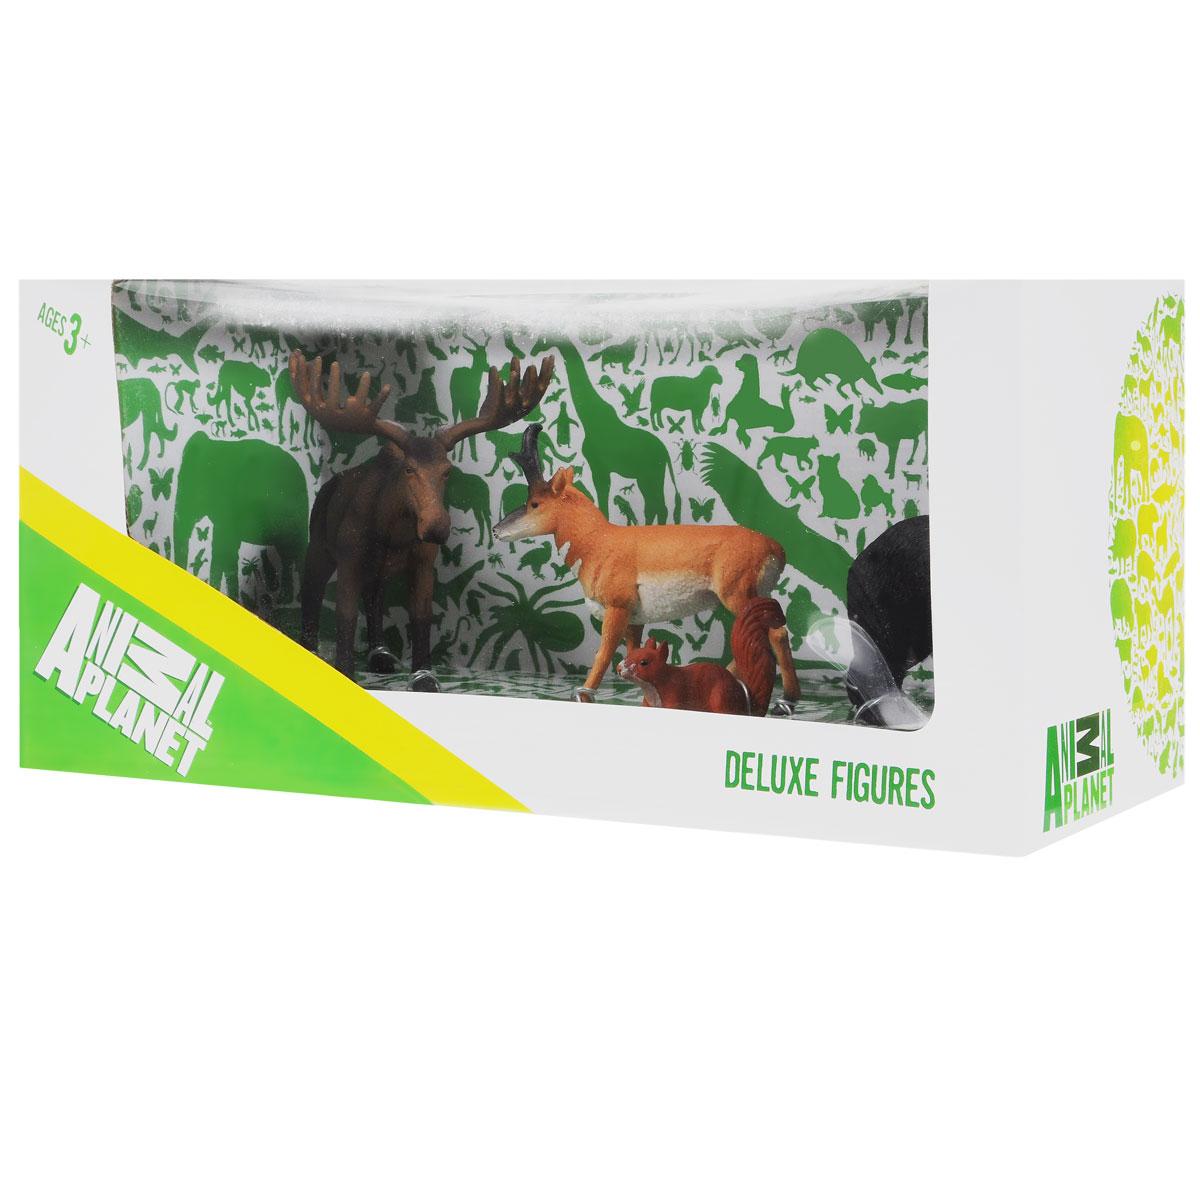 Набор фигурок Mojo Лесные животные 3, 4 шт387318Набор фигурок Mojo Лесные животные 3 познакомят вашего ребенка с окружающим миром. В набор входят четыре фигурки: лось, медведь, белка и антилопа, которые имеют высокую степень сходства с настоящими лесными животными и очень высокую детализацию, что позволяет использовать фигурки не только как игровые, но и как коллекционные. Кроме того, фигурки можно использовать в качестве наглядного пособия при изучении животного мира. Фигурки изготовлены из полимерного материала, не токсичны и не вызывают аллергию.